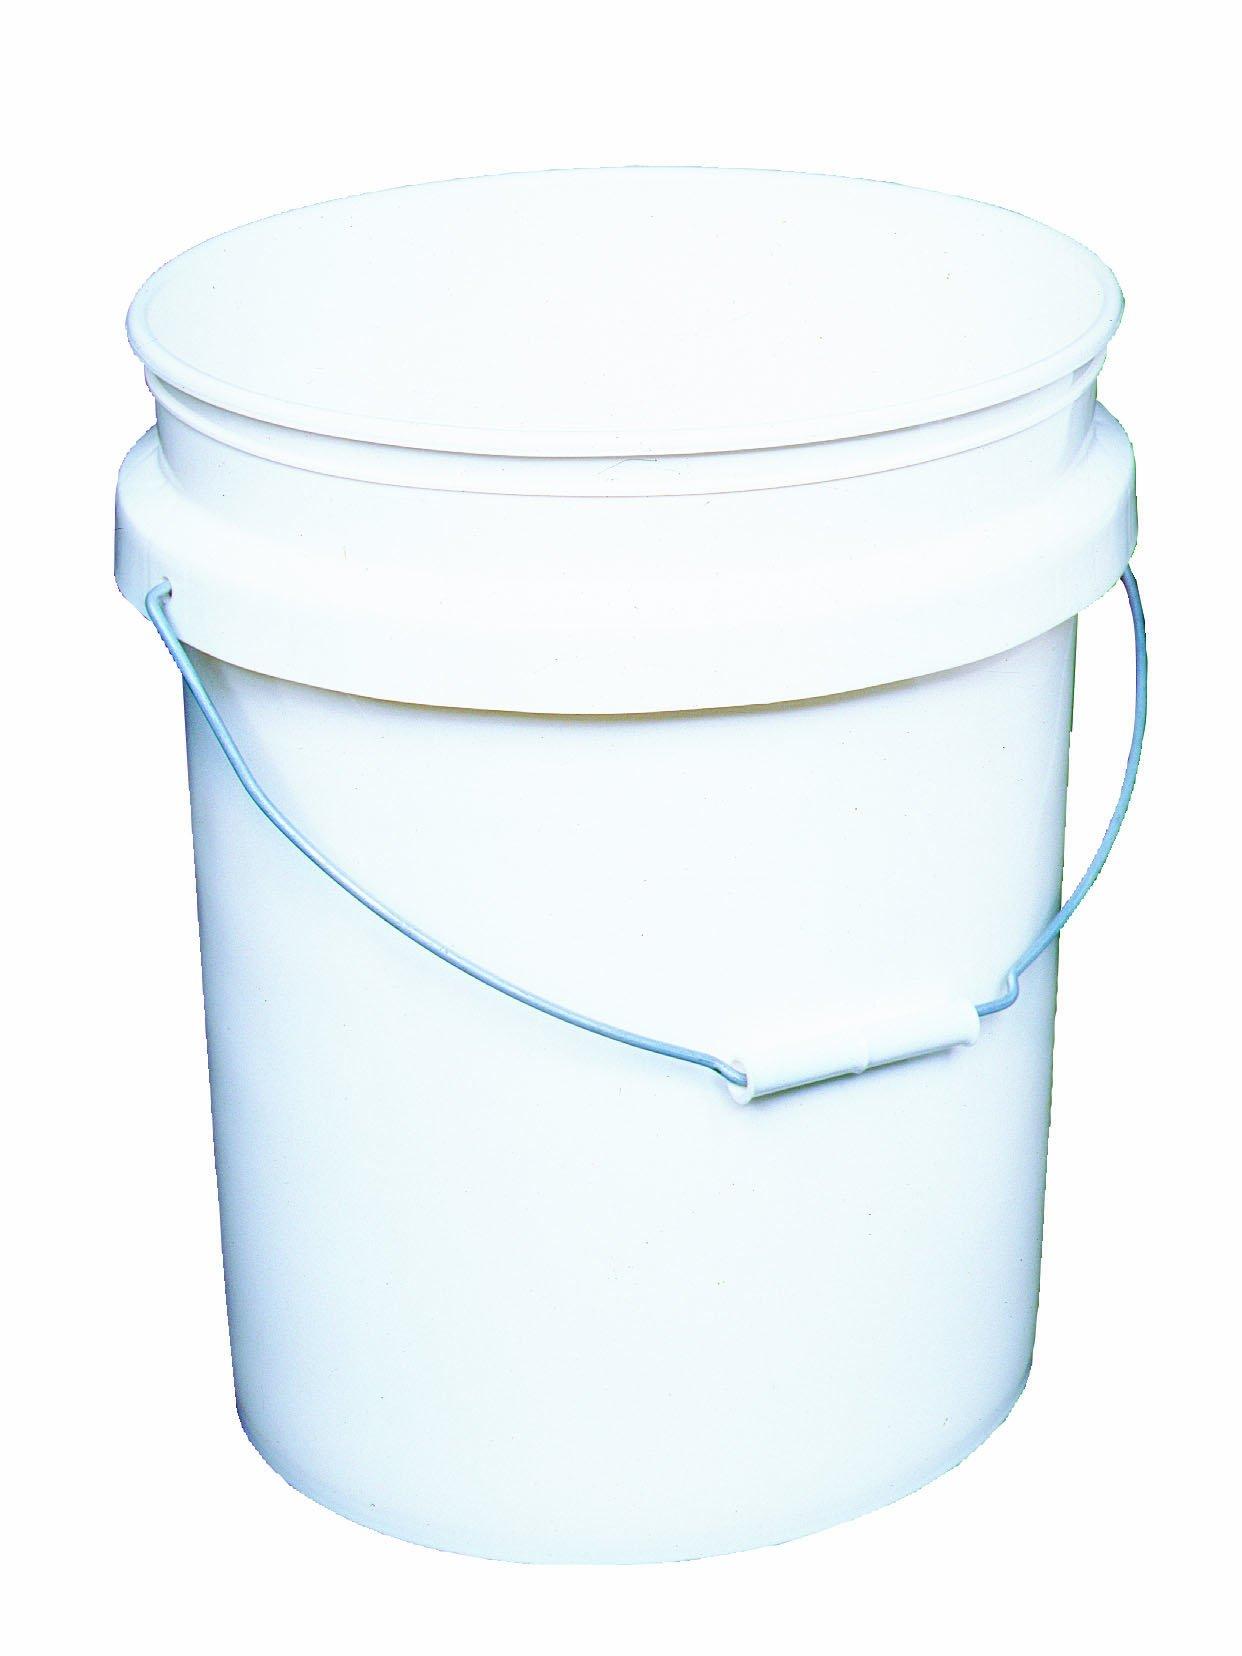 Encore Plastics 50640 Industrial Plastic 70-Mil with Handle, 5-Gallon, Pail White